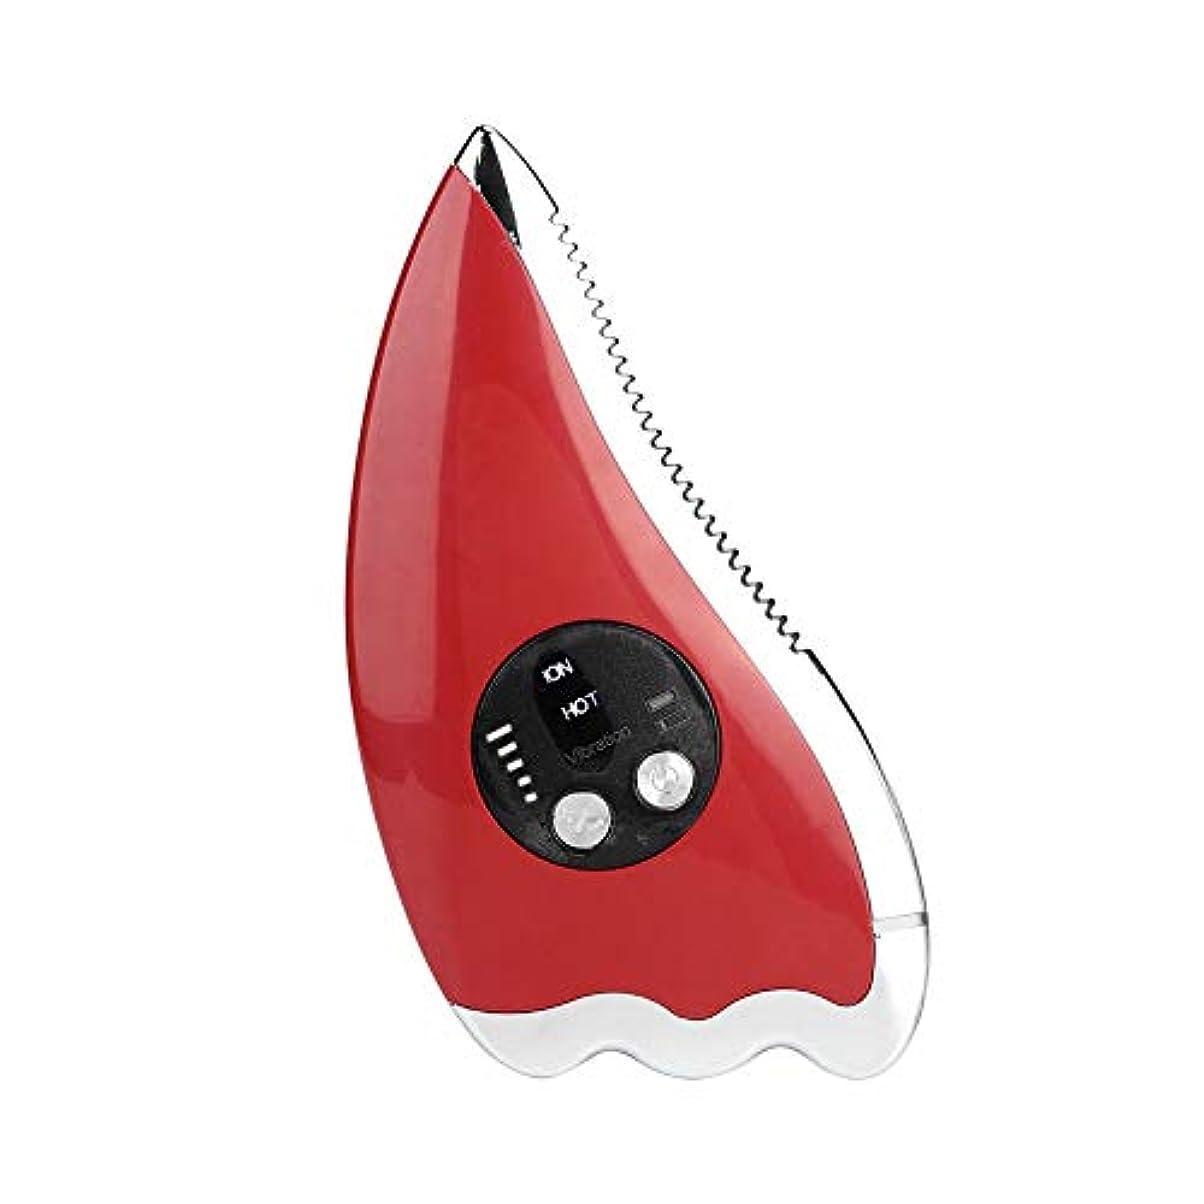 ポータブルスクレイピングマッサージャー、電動フェイスリフティングマッサージ機、マイクロカレントフェイシャルファーミングリジュビネーションビューティーデバイス、USB充電スクレイピングツール